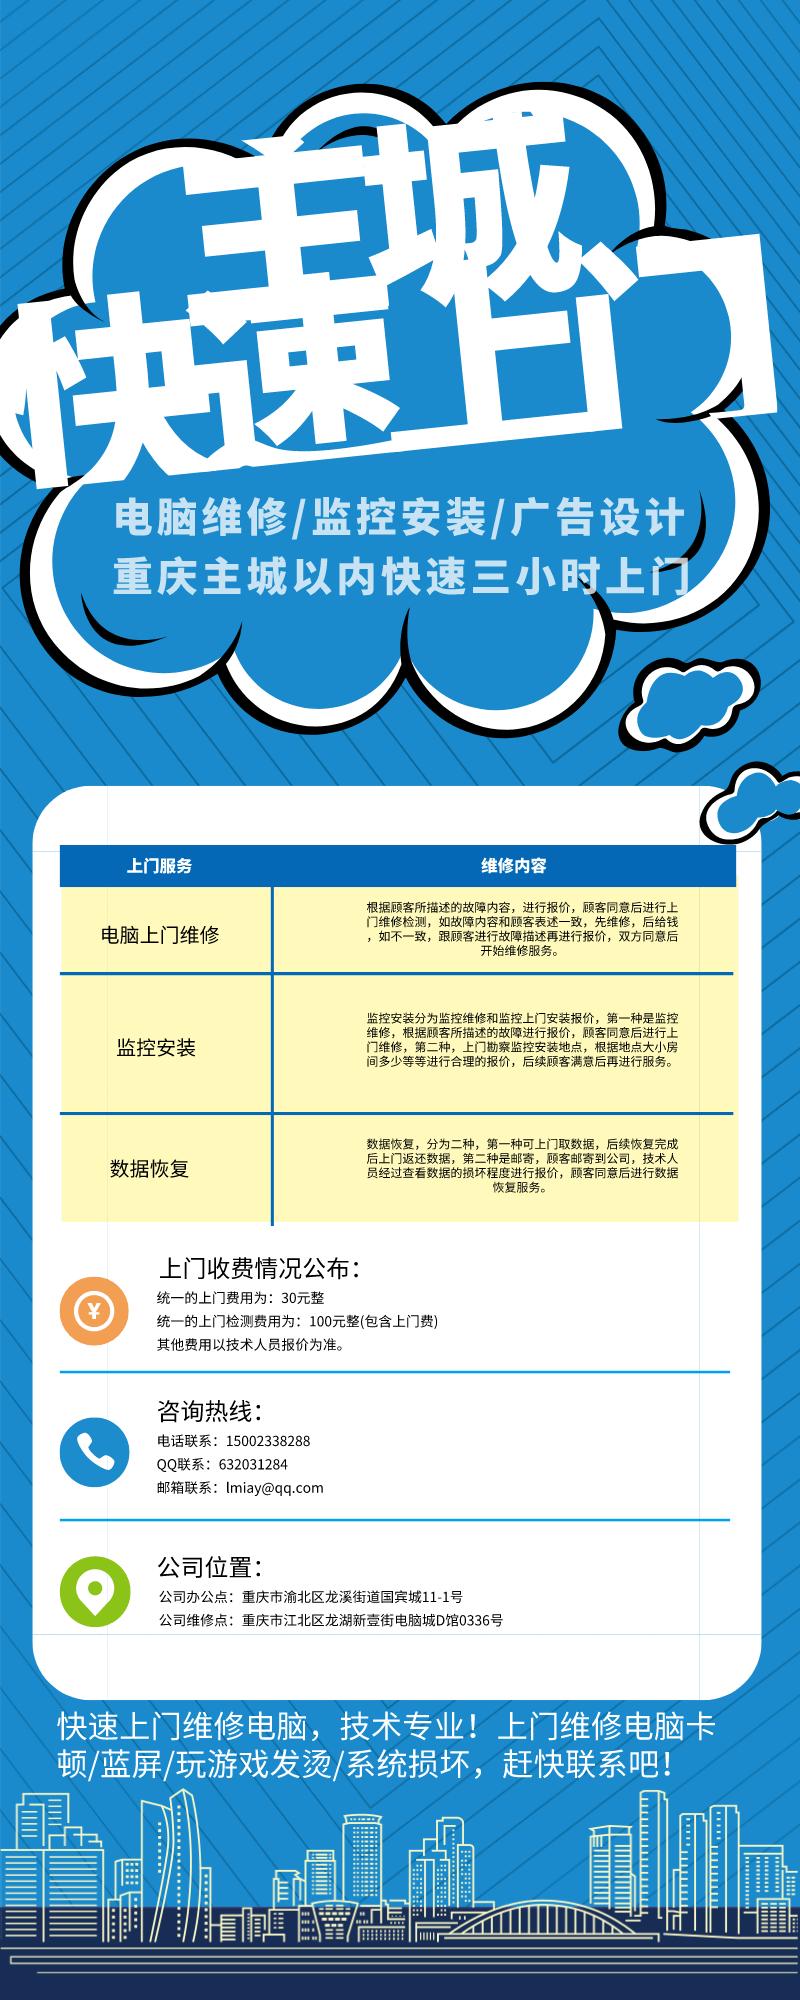 重庆电脑维修上门联系-重庆电脑维修-重庆梓菊科技公司